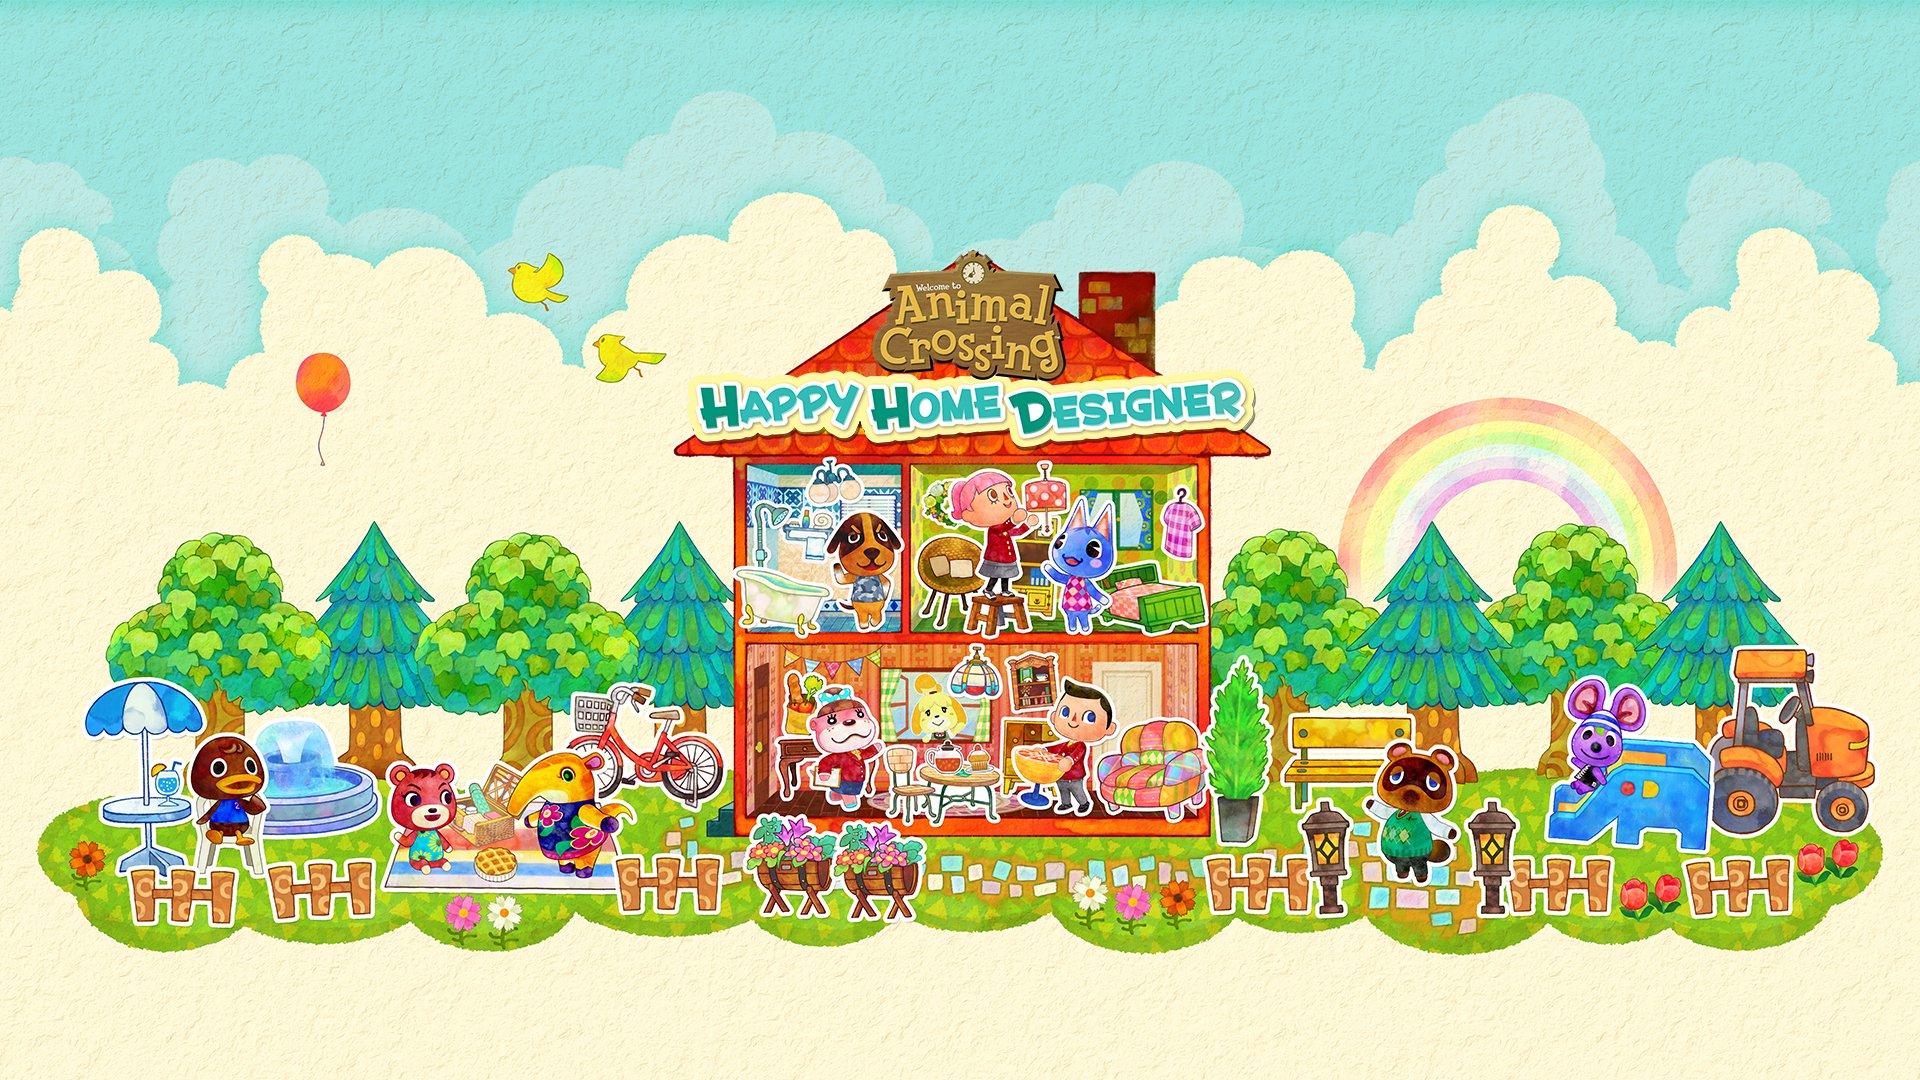 Animal Crossing Hd Wallpapaer Tab Theme Supertab Themes